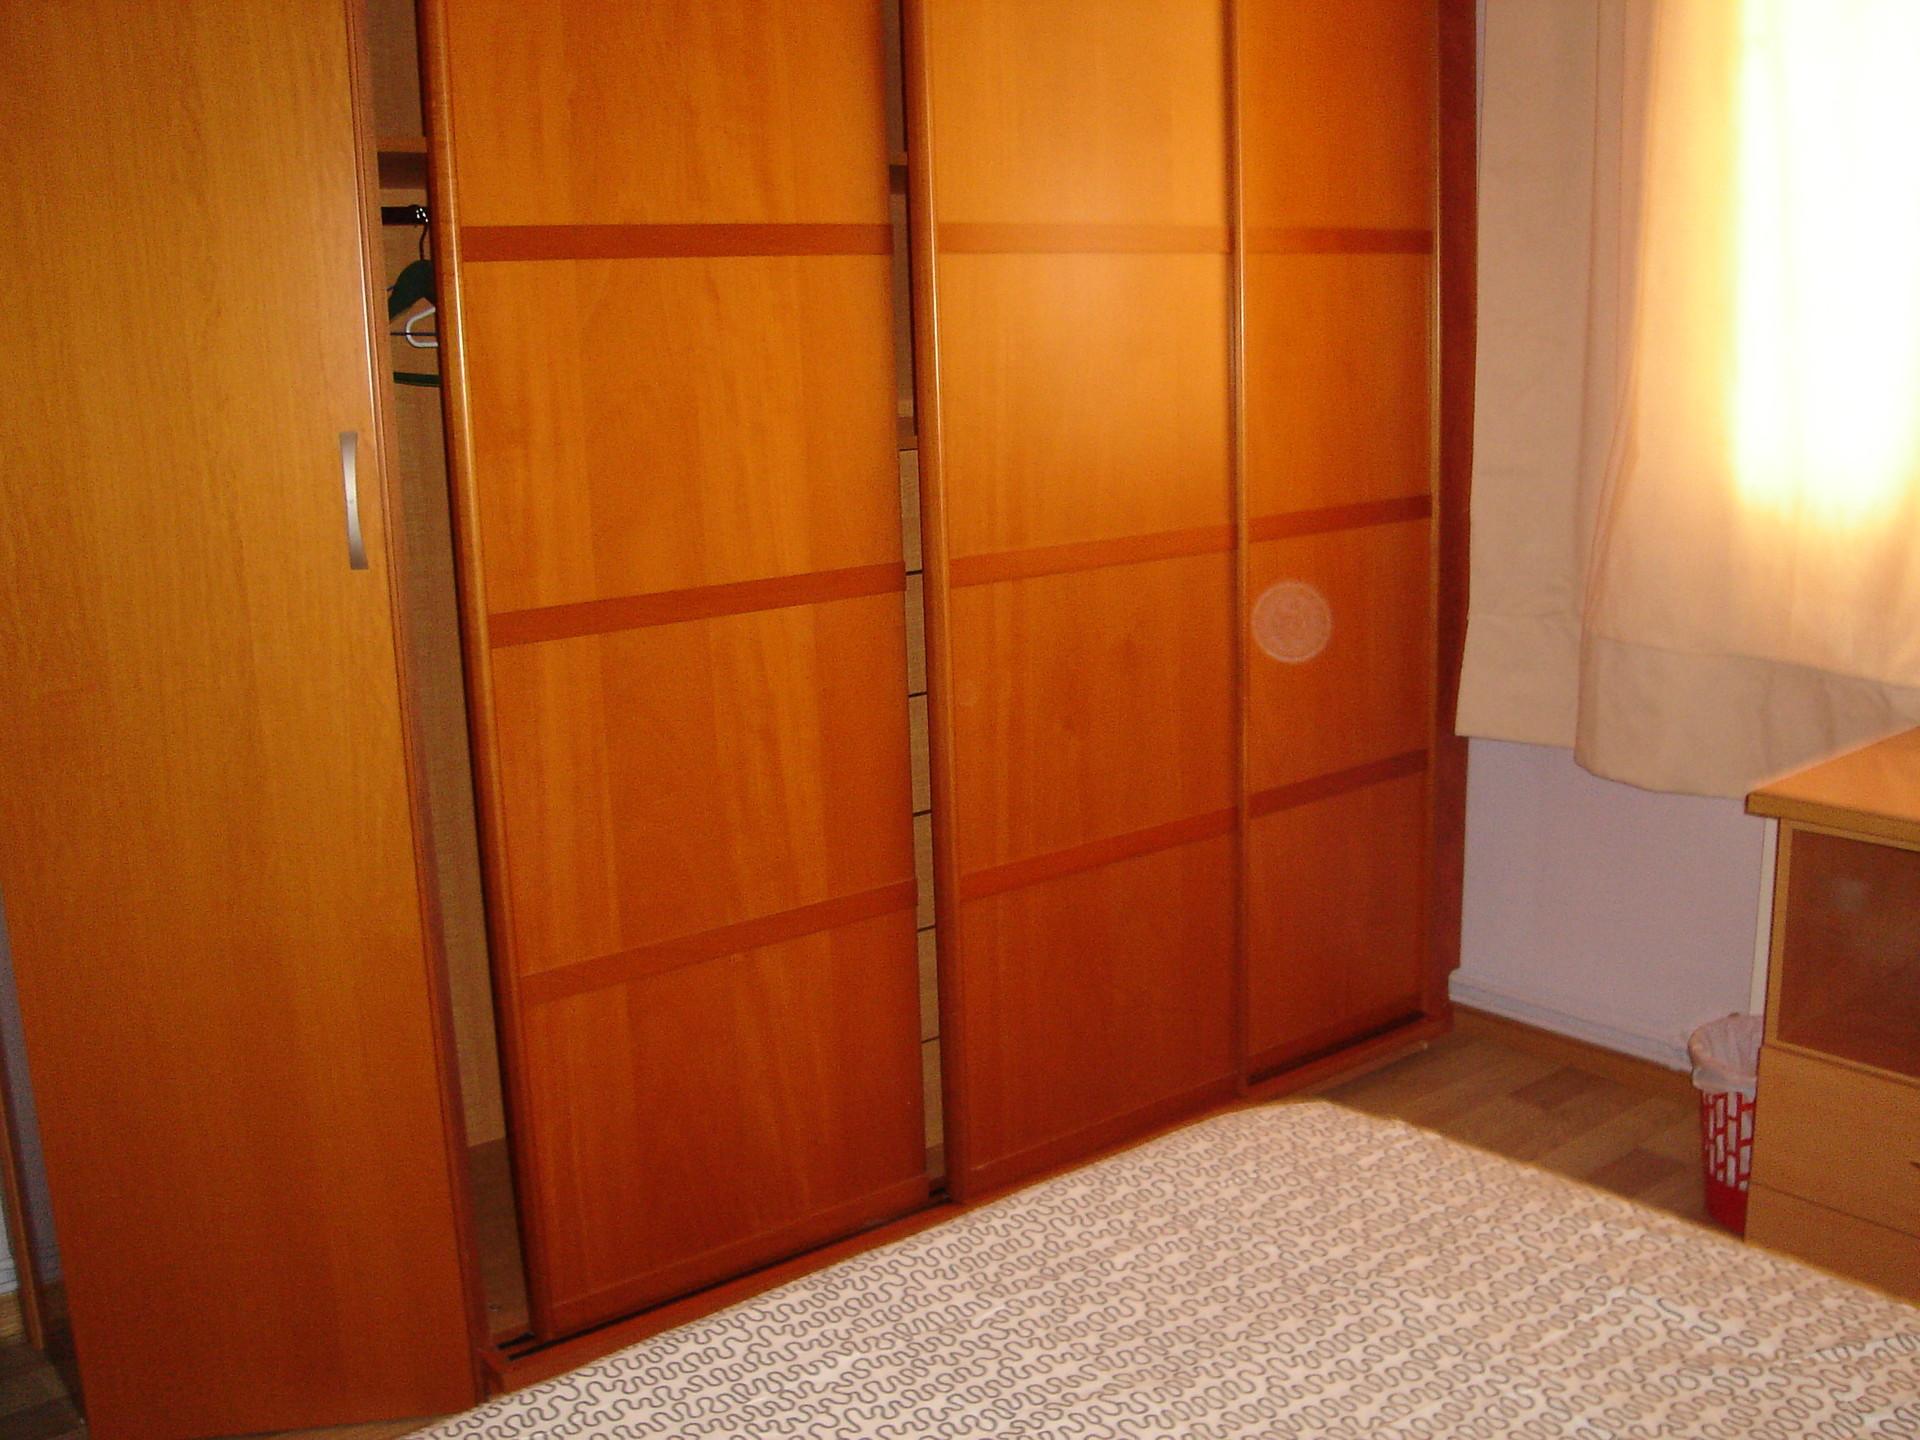 Habitaci n en piso compartido solo chicas muy pr ximo a for Alquiler de habitacion en piso compartido